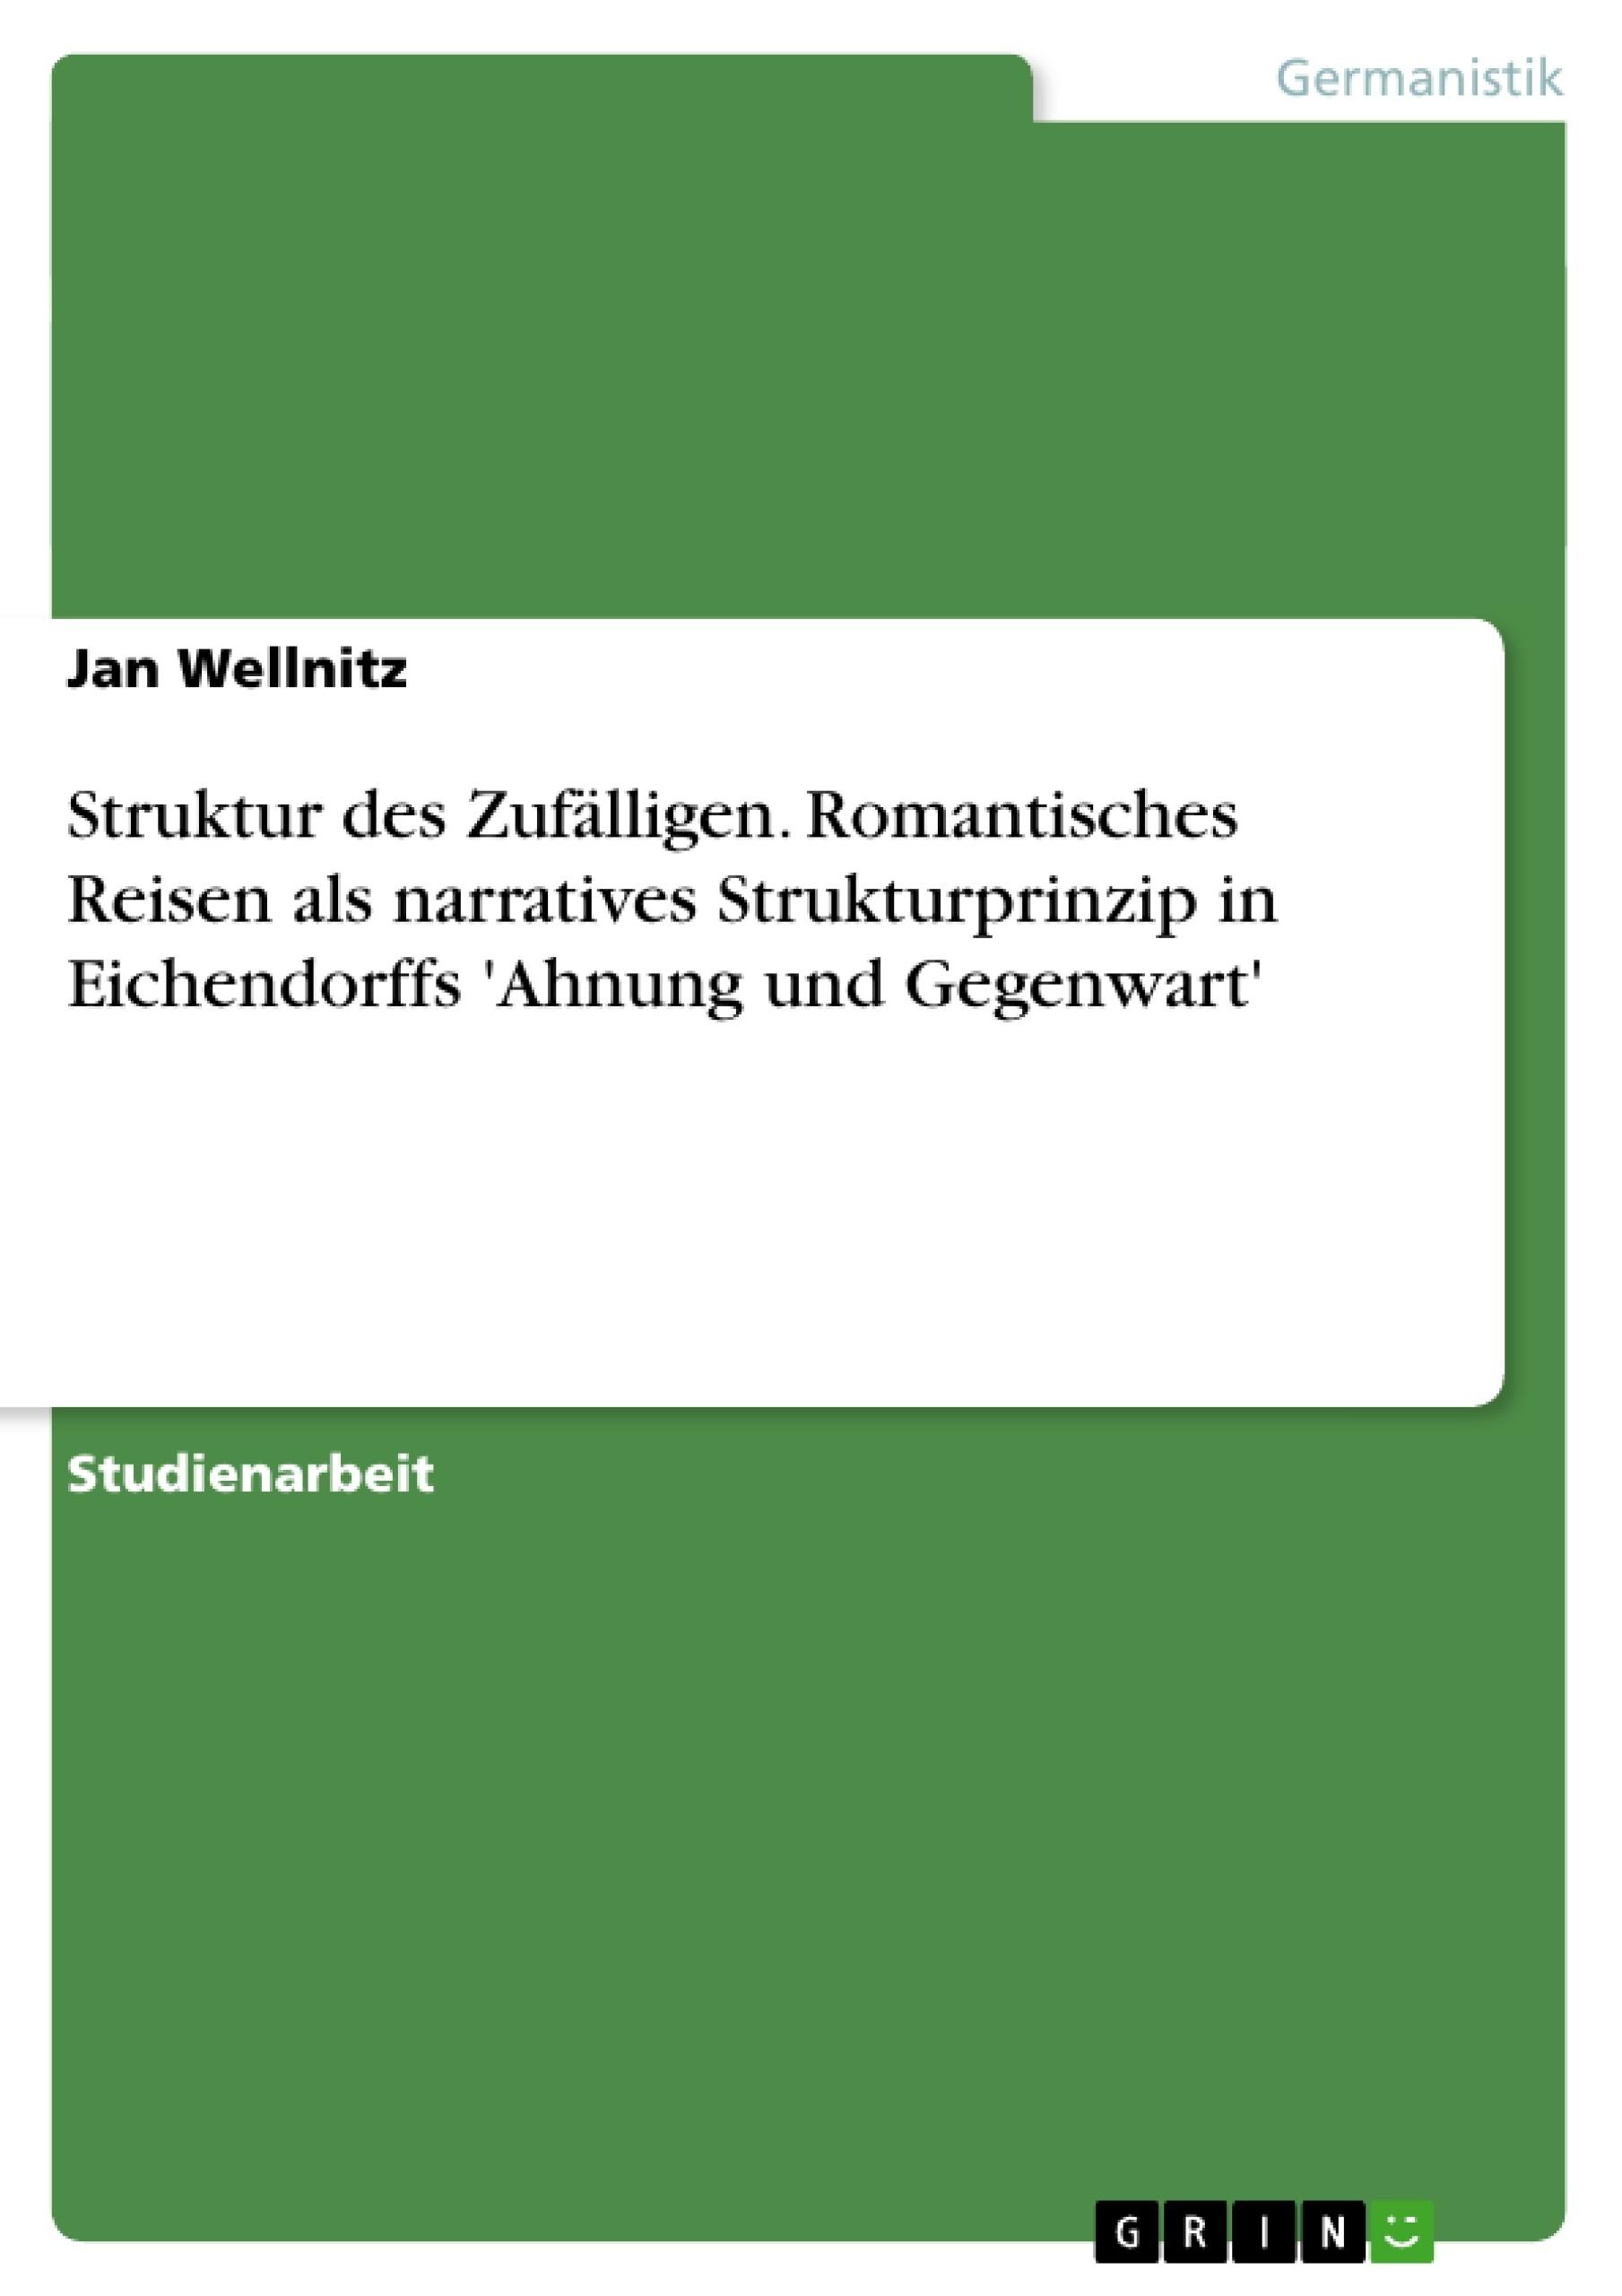 Titel: Struktur des Zufälligen. Romantisches Reisen als narratives Strukturprinzip in Eichendorffs 'Ahnung und Gegenwart'